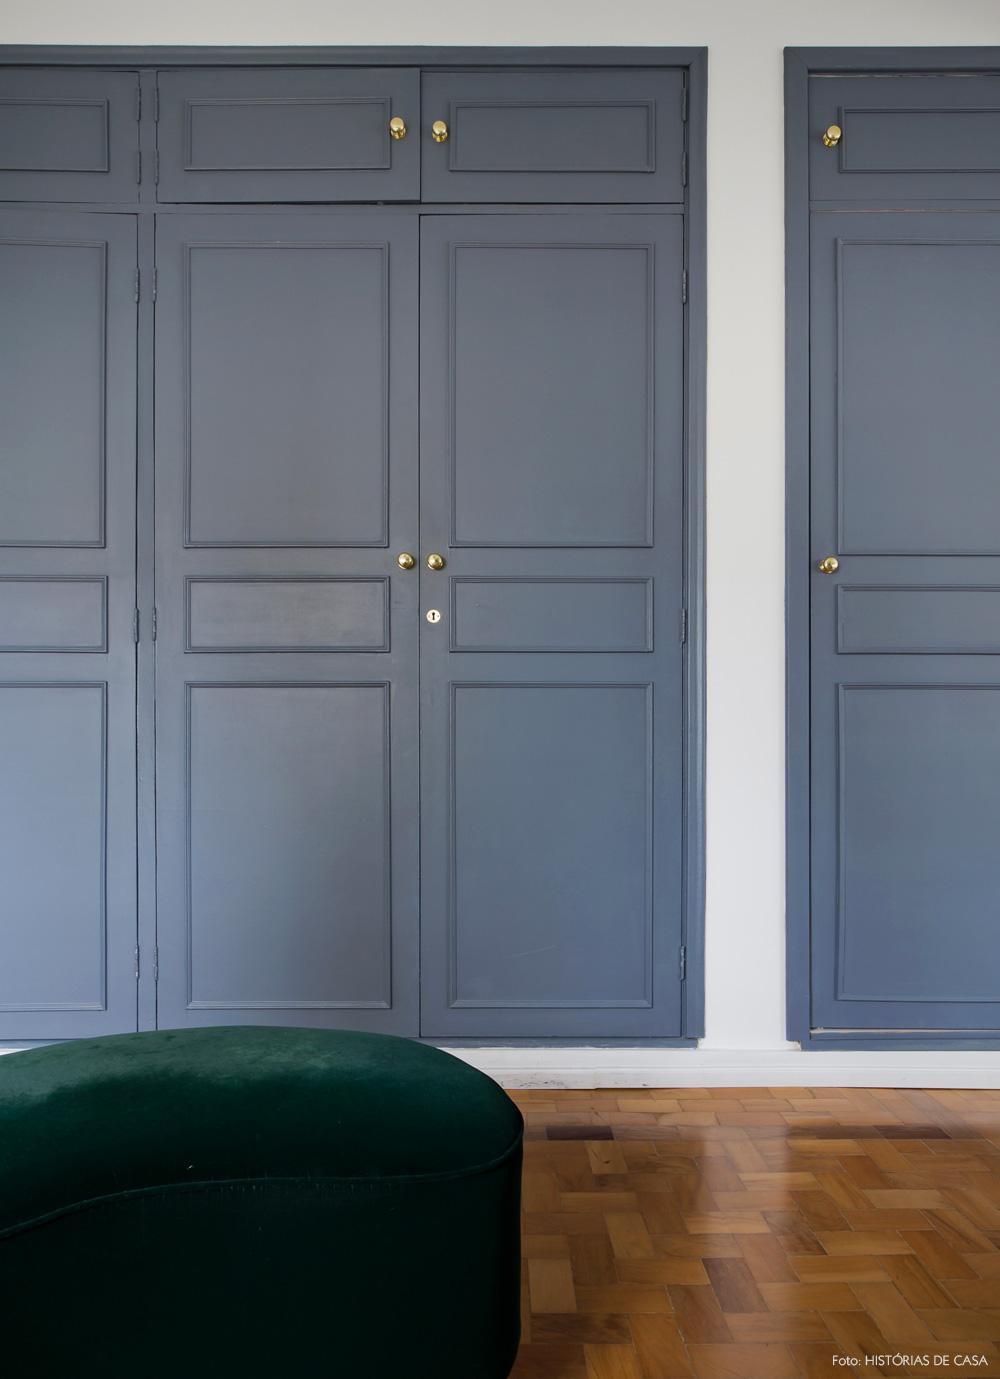 33-decoracao-quarto-casal-guarda-roupa-pintado-cinza-dourado